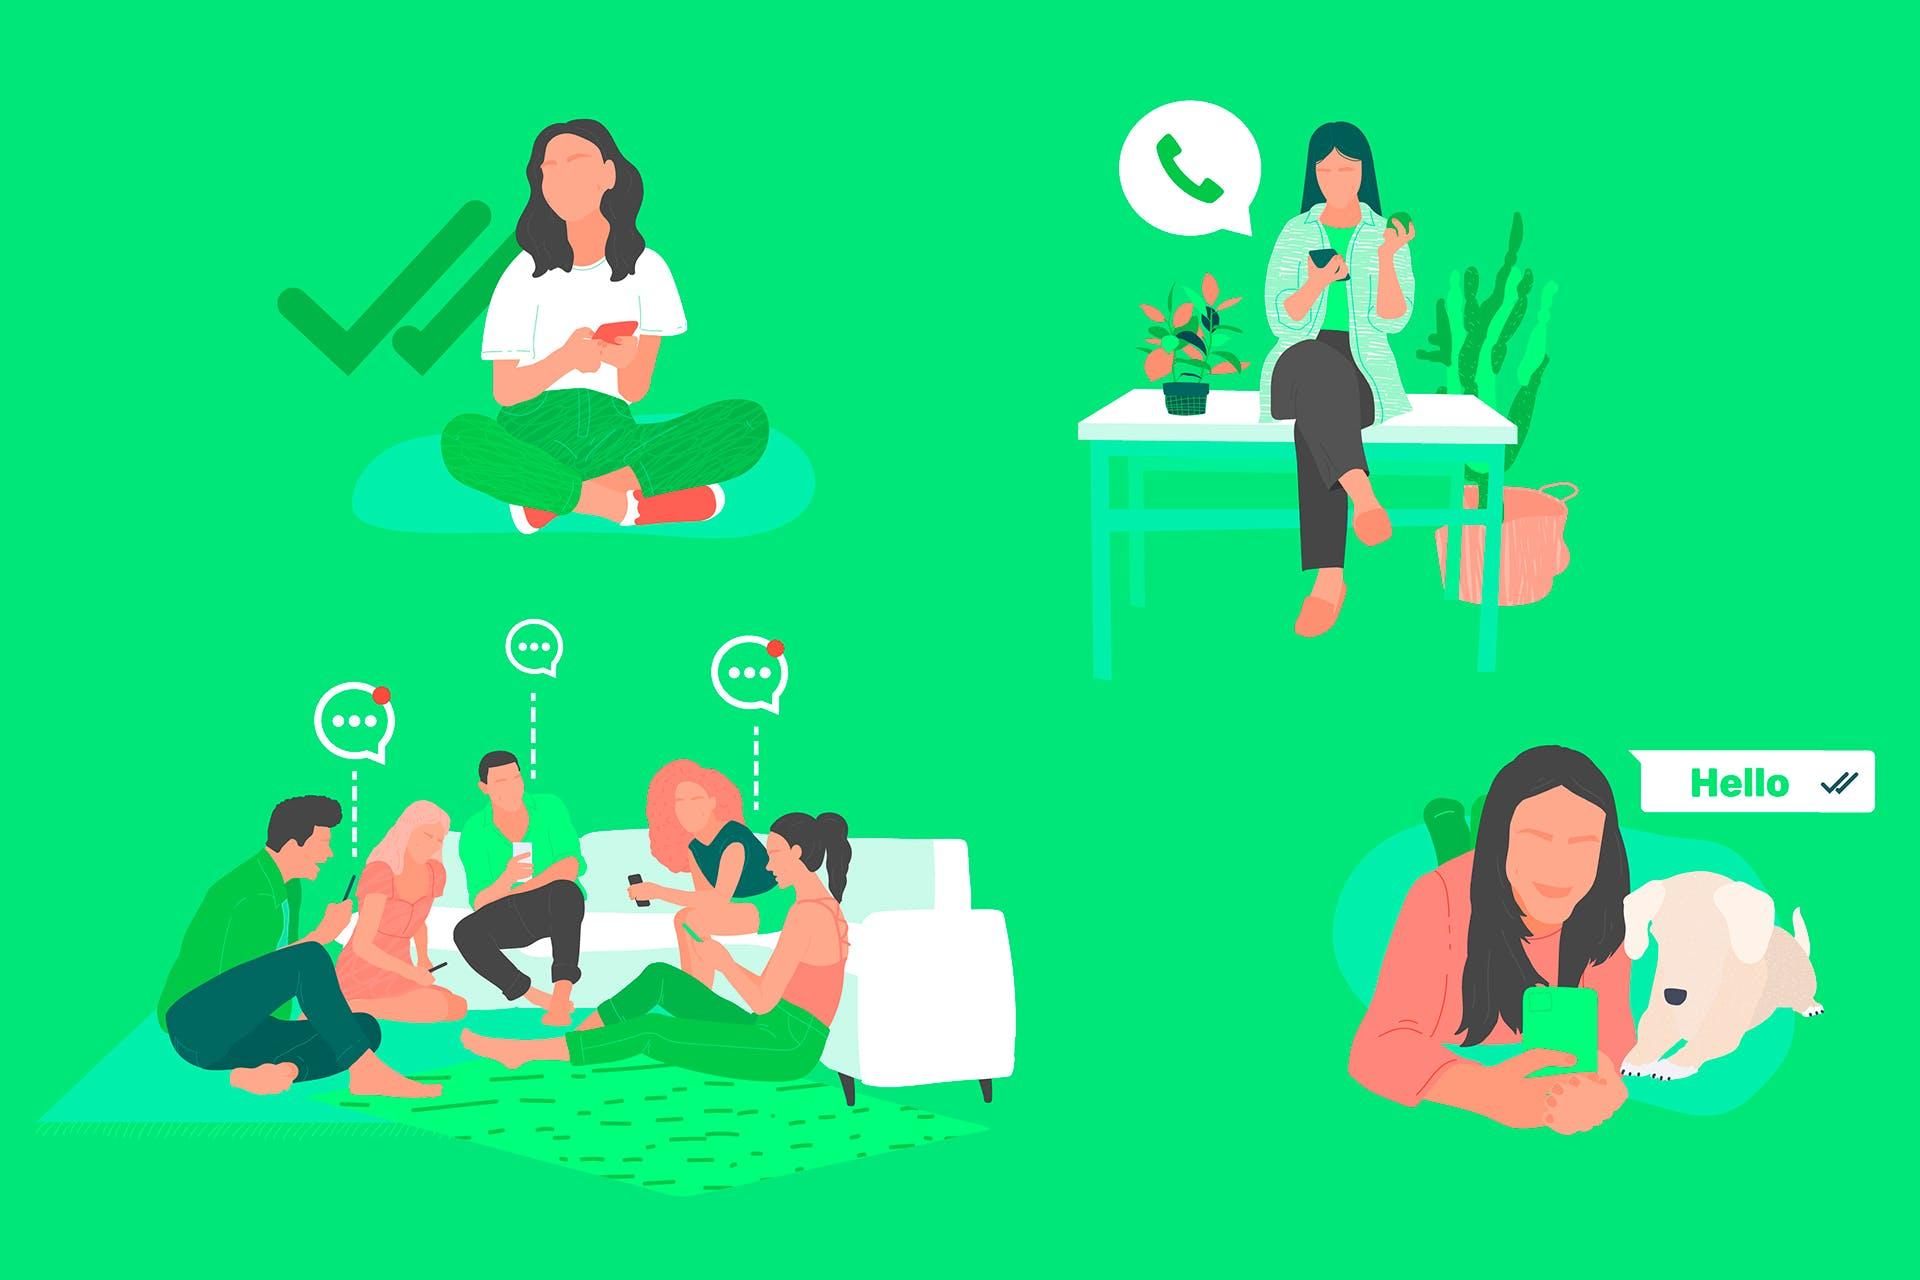 Illustraatio ihmisistä lähettämässä ja vastaanottamassa WhatsApp-viestejä